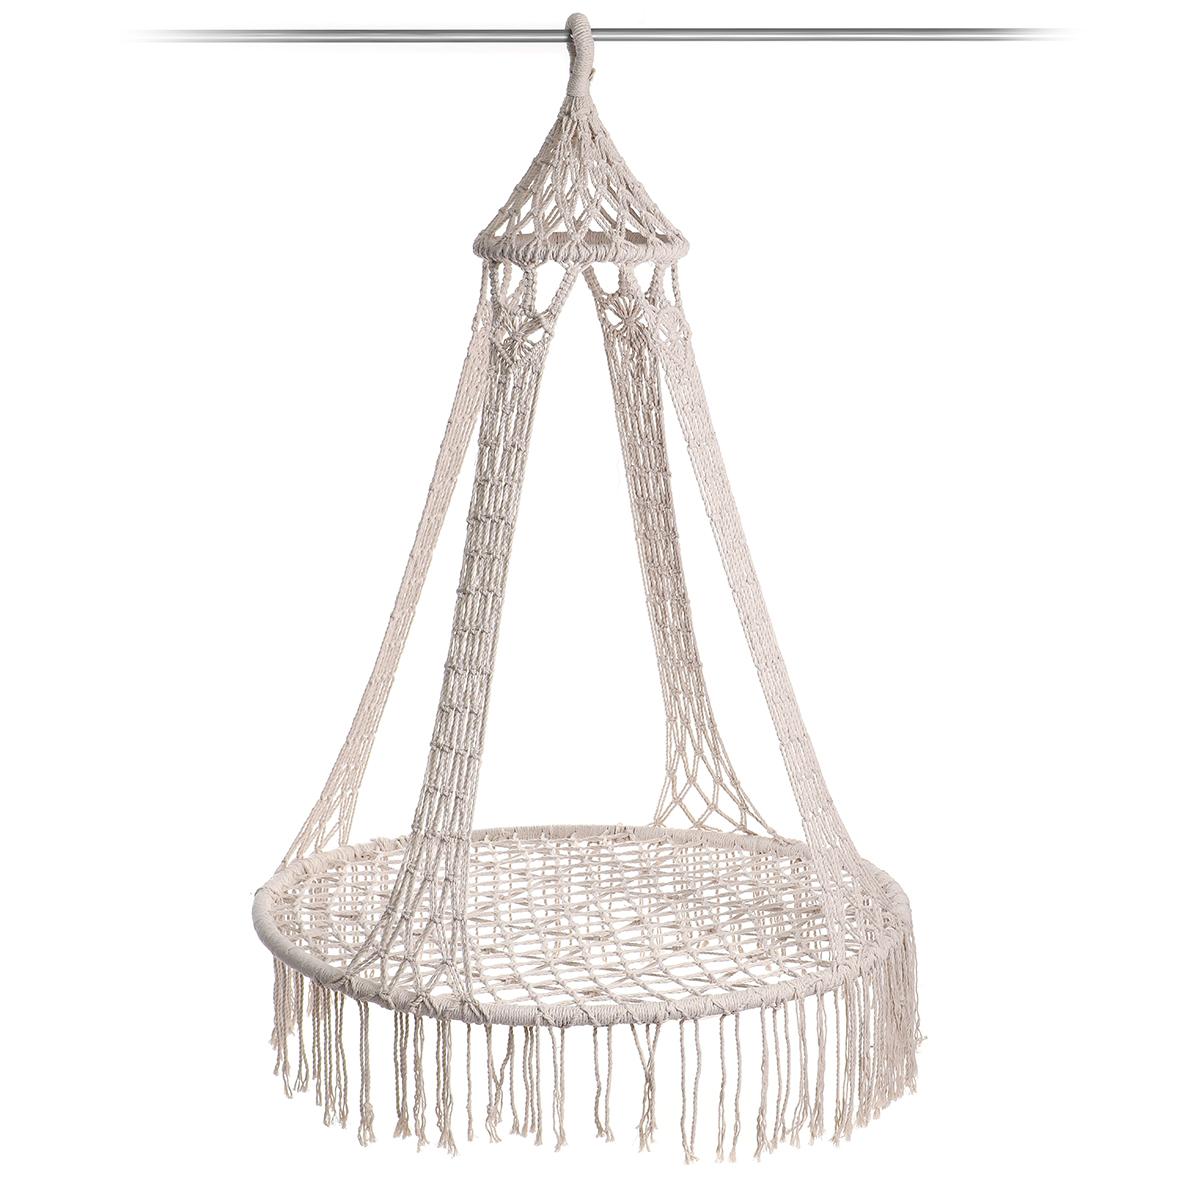 Garden Lounge Hanging Chair Hammock Swing Seat Indoor ...